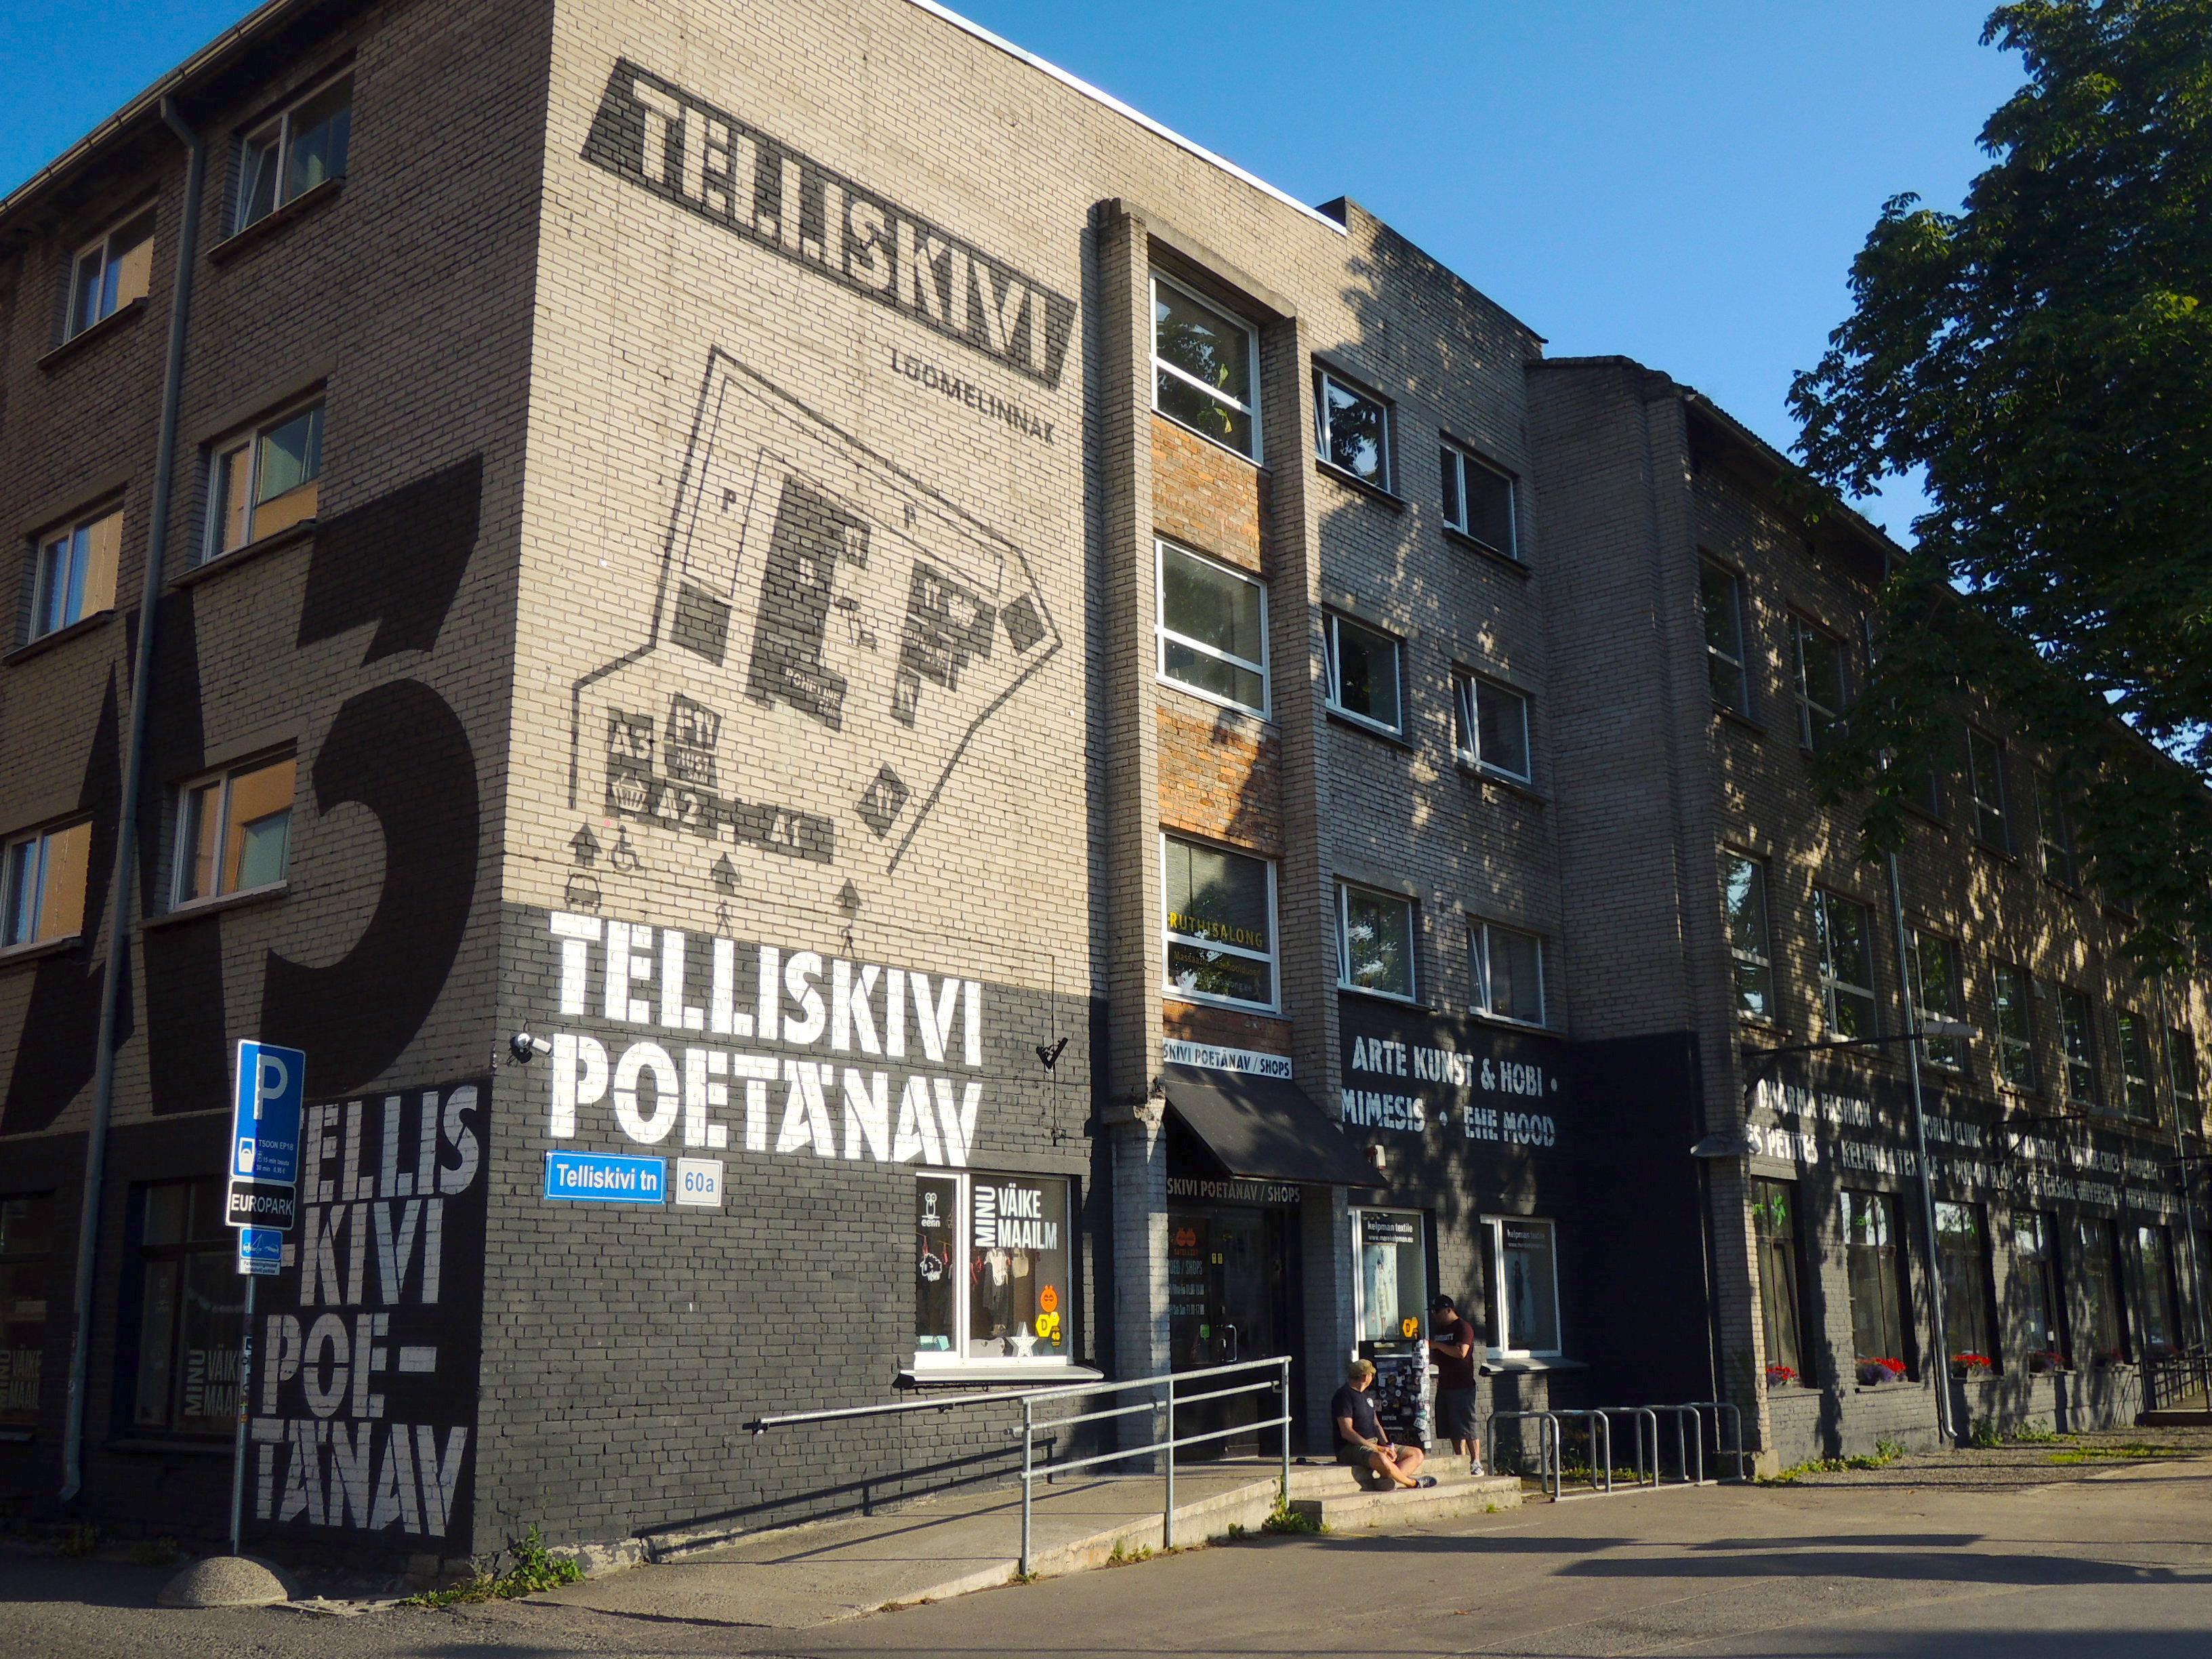 ビンテージ×モダンクリエーティブ エストニアのタリン バルト駅周辺